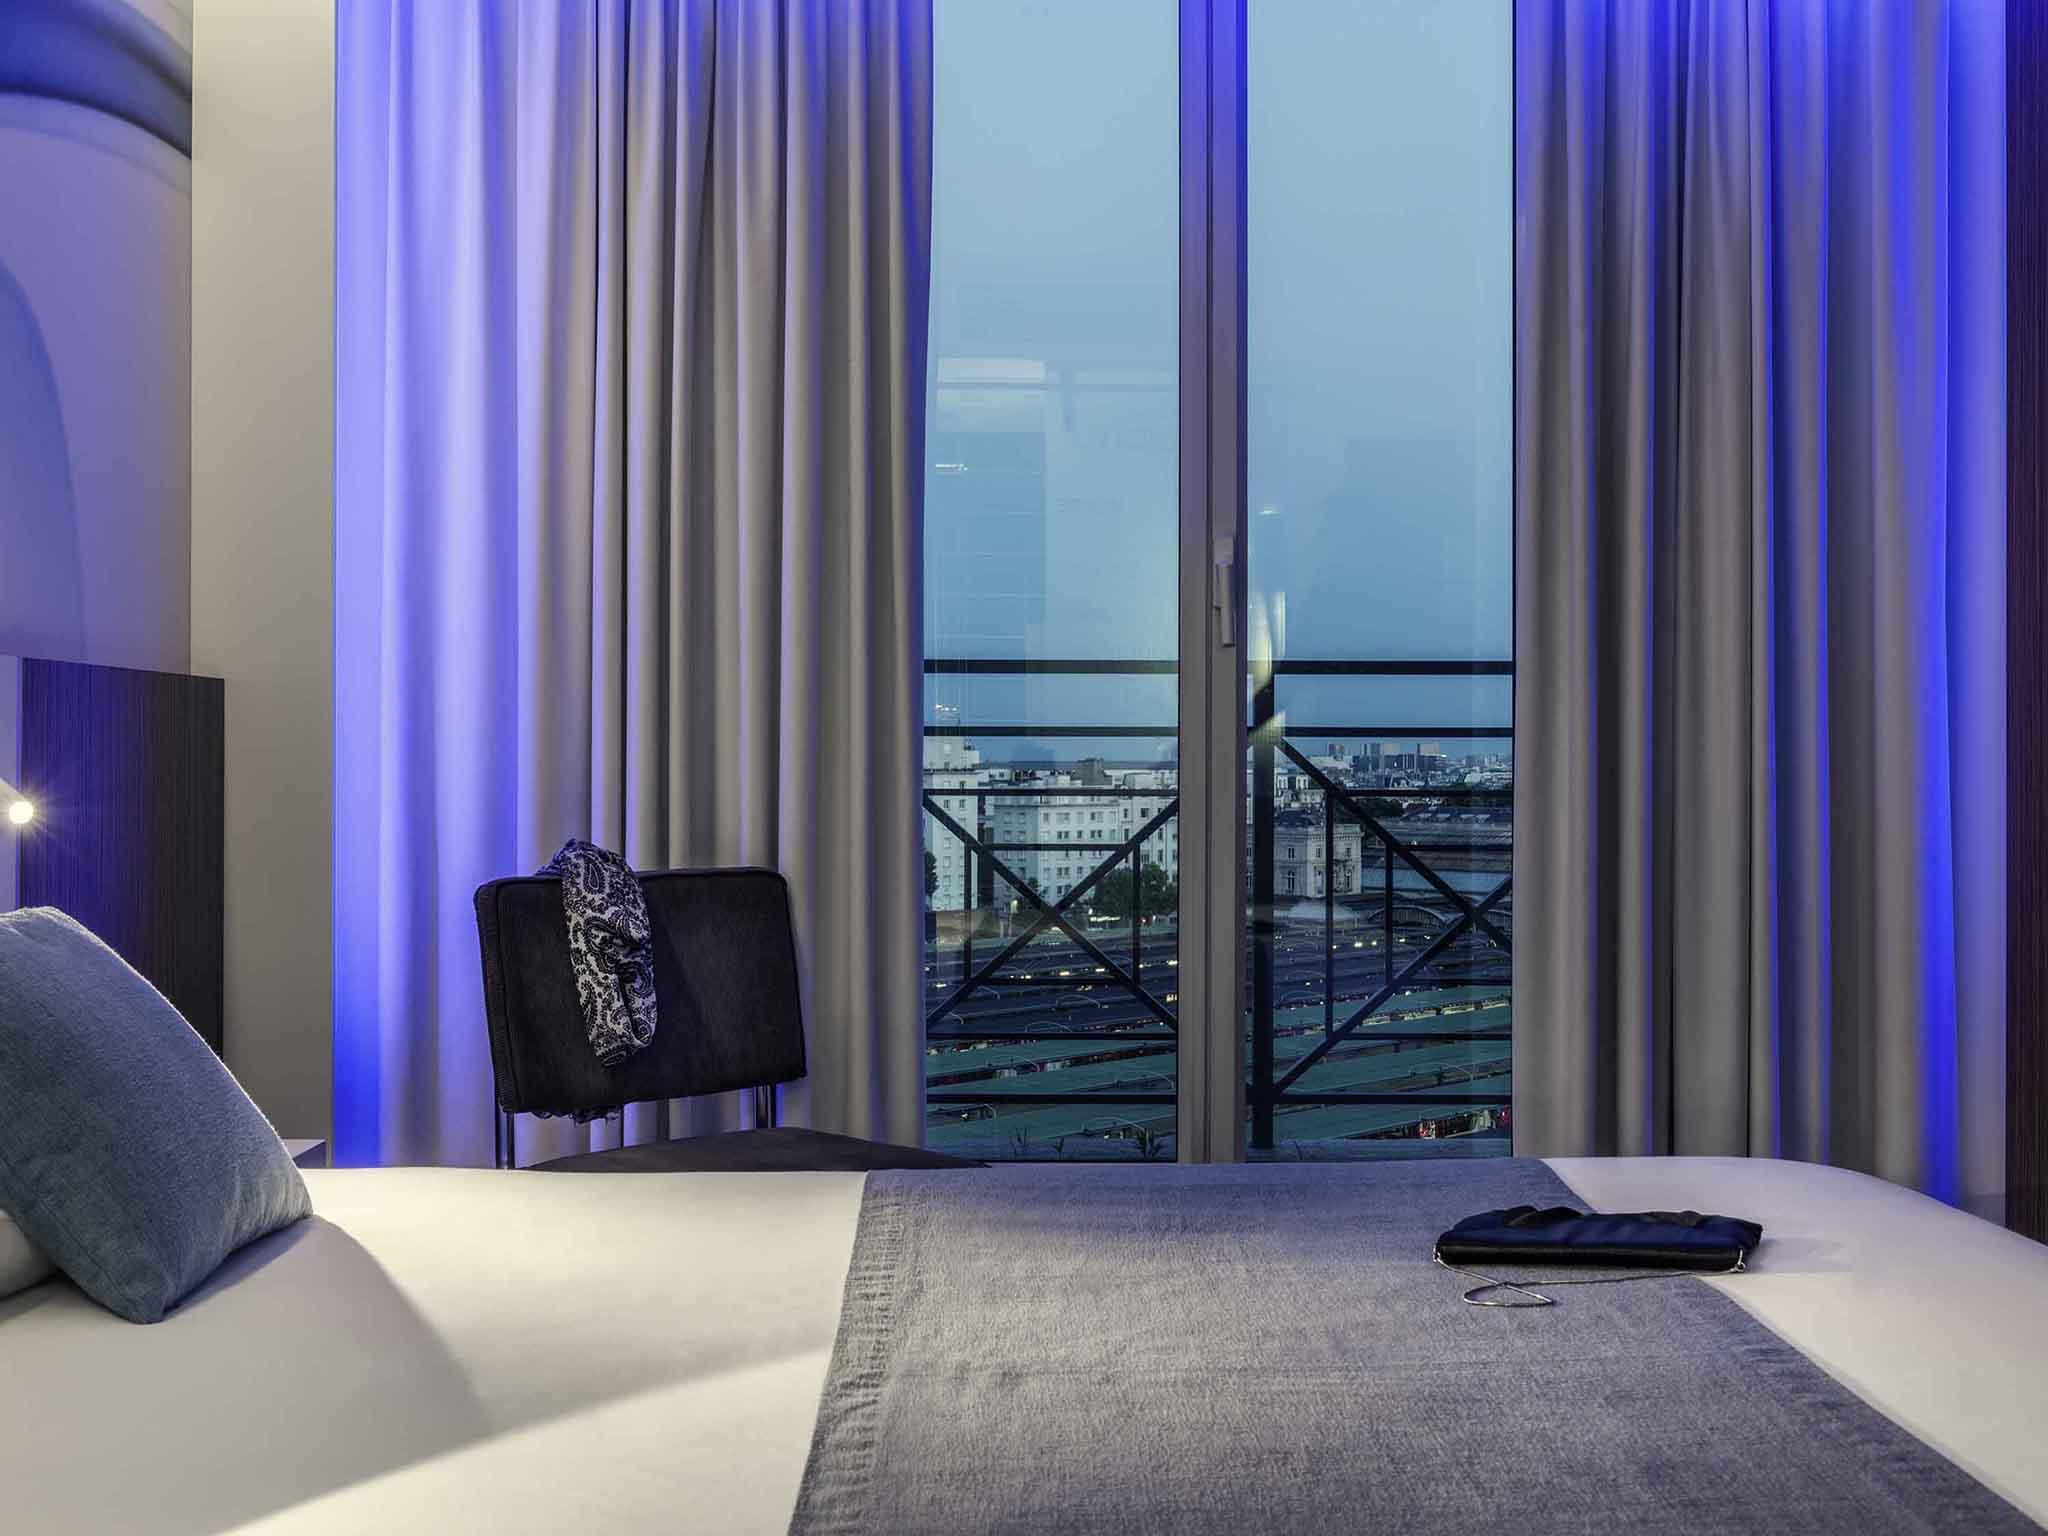 โรงแรม – โรงแรมเมอร์เคียว ปารีส การ์ ดู นอร์ ลา ฟาแยต